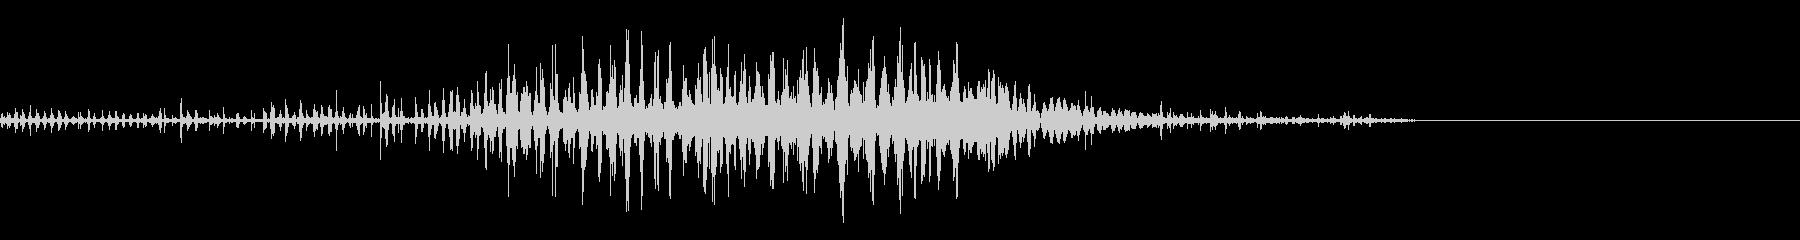 スパーク音-49の未再生の波形